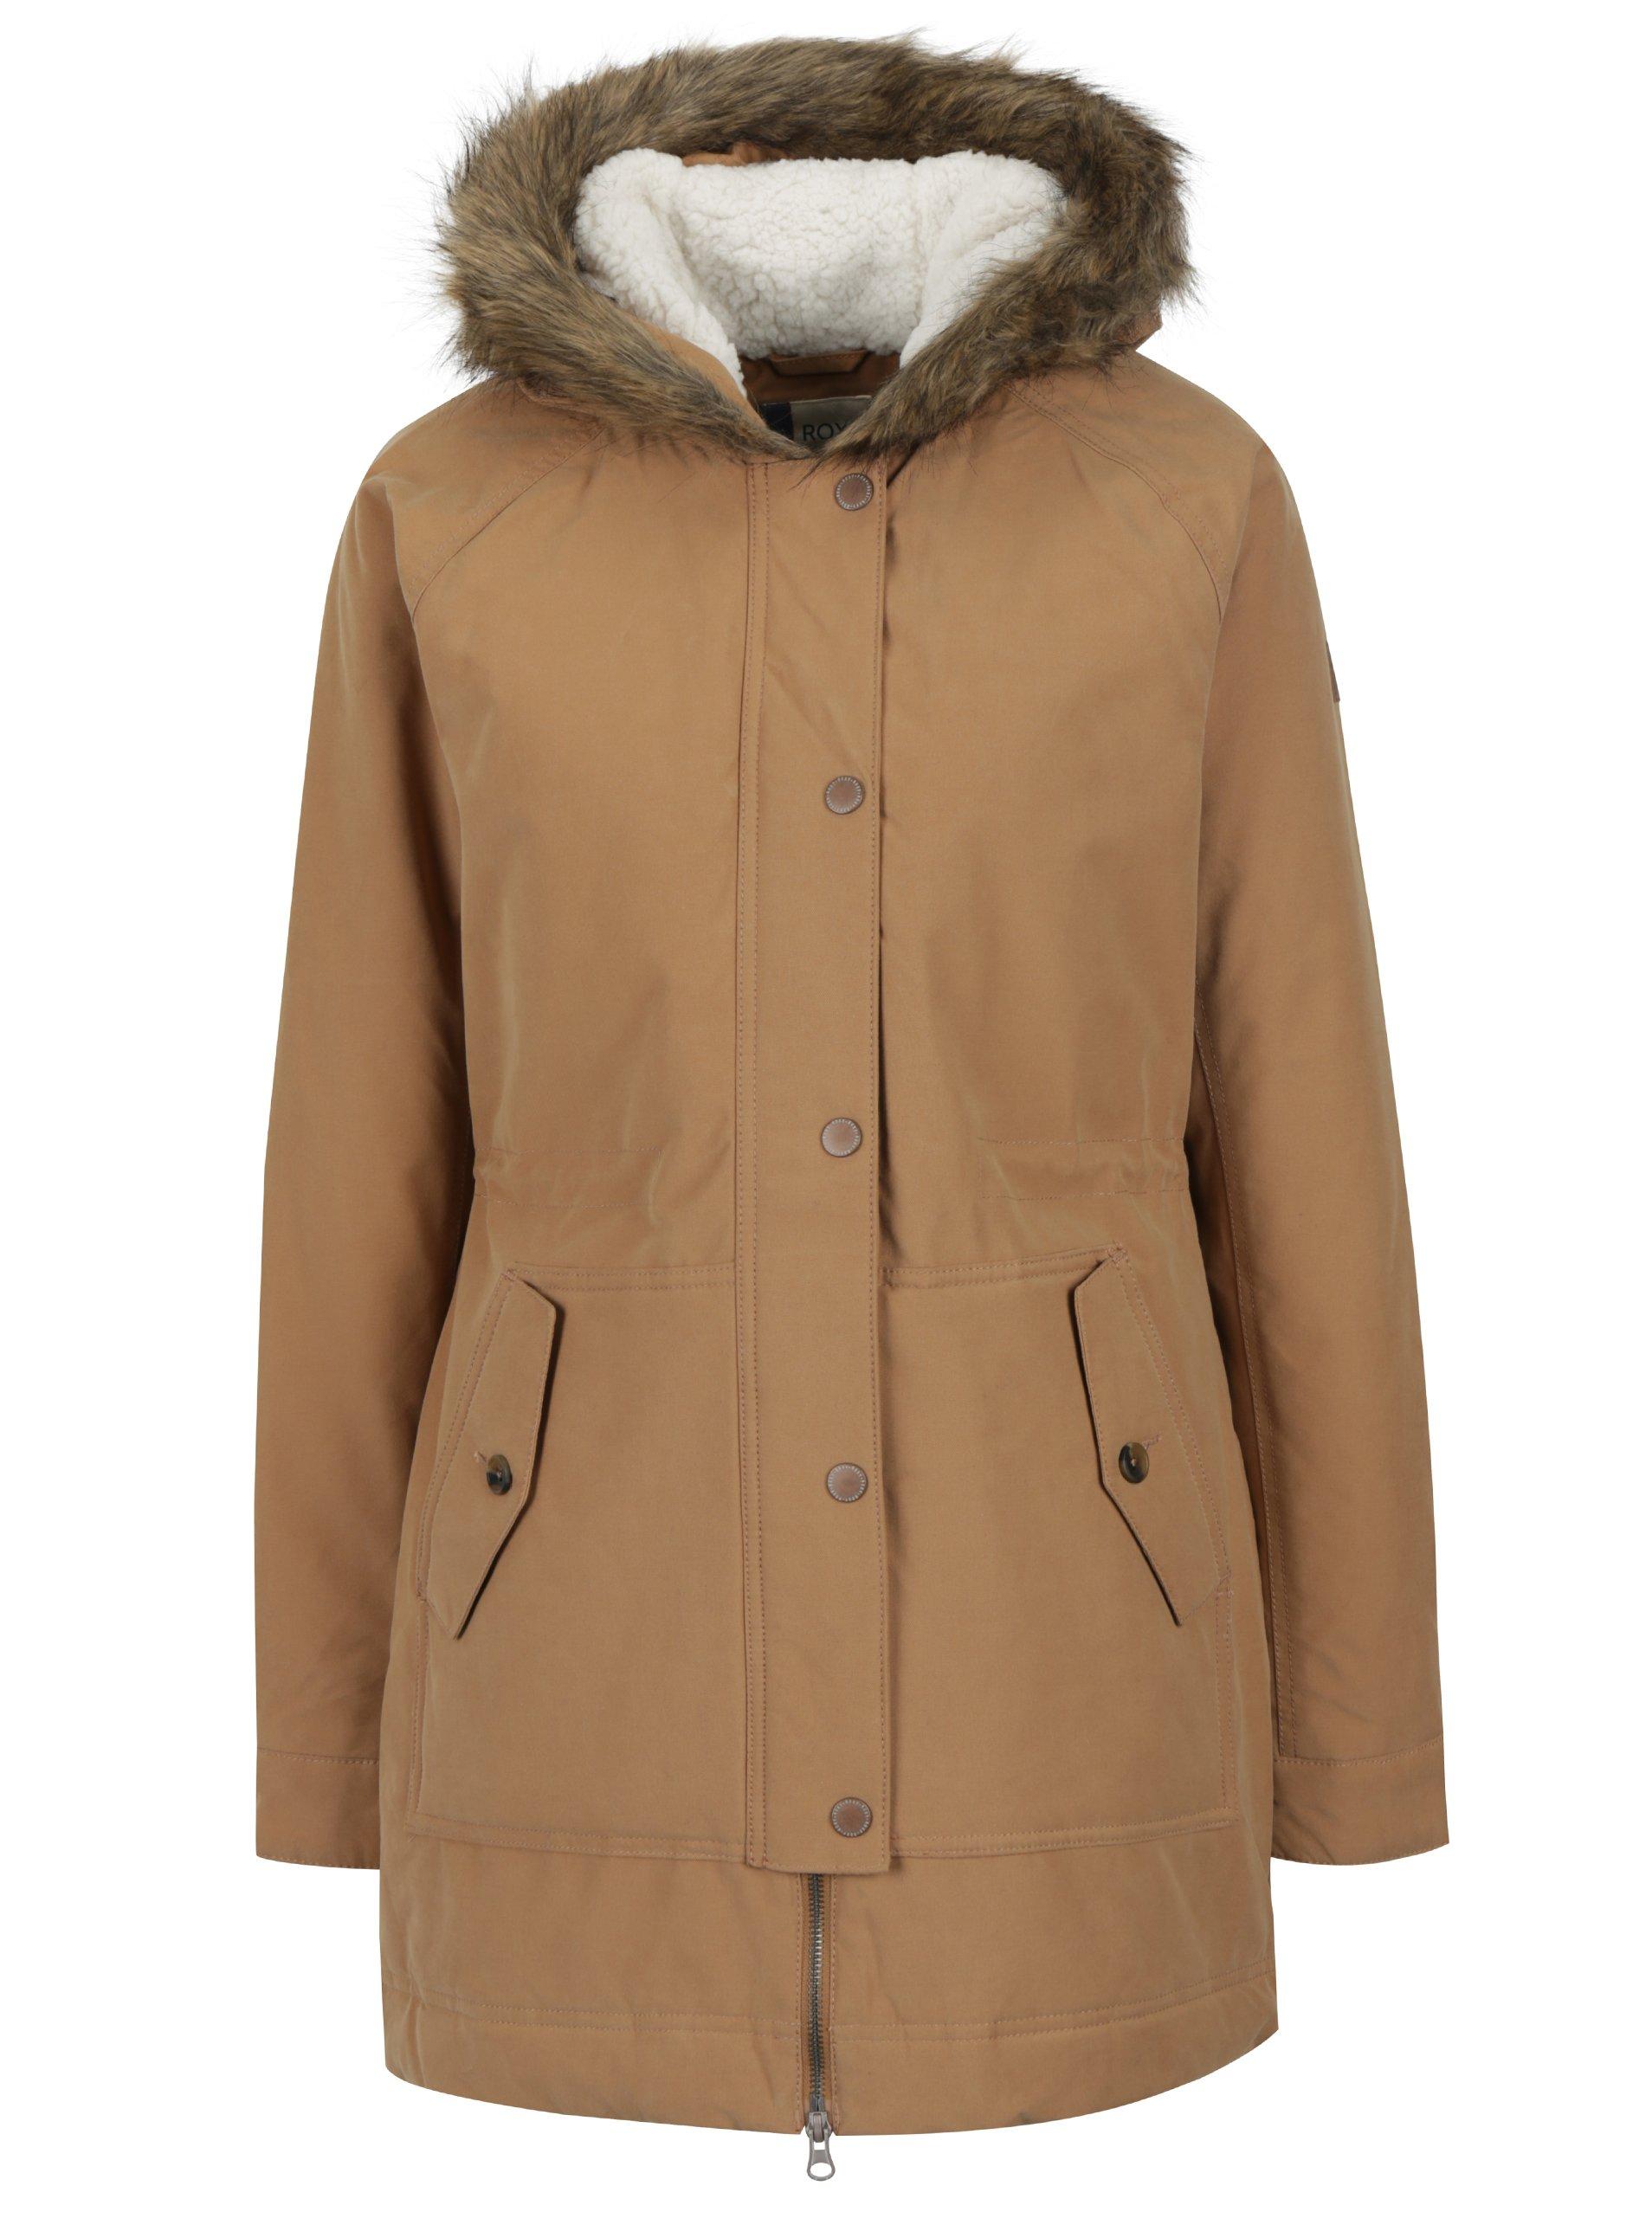 Světle hnědý dámský zimní kabát s umělým kožíškem Roxy Mountain